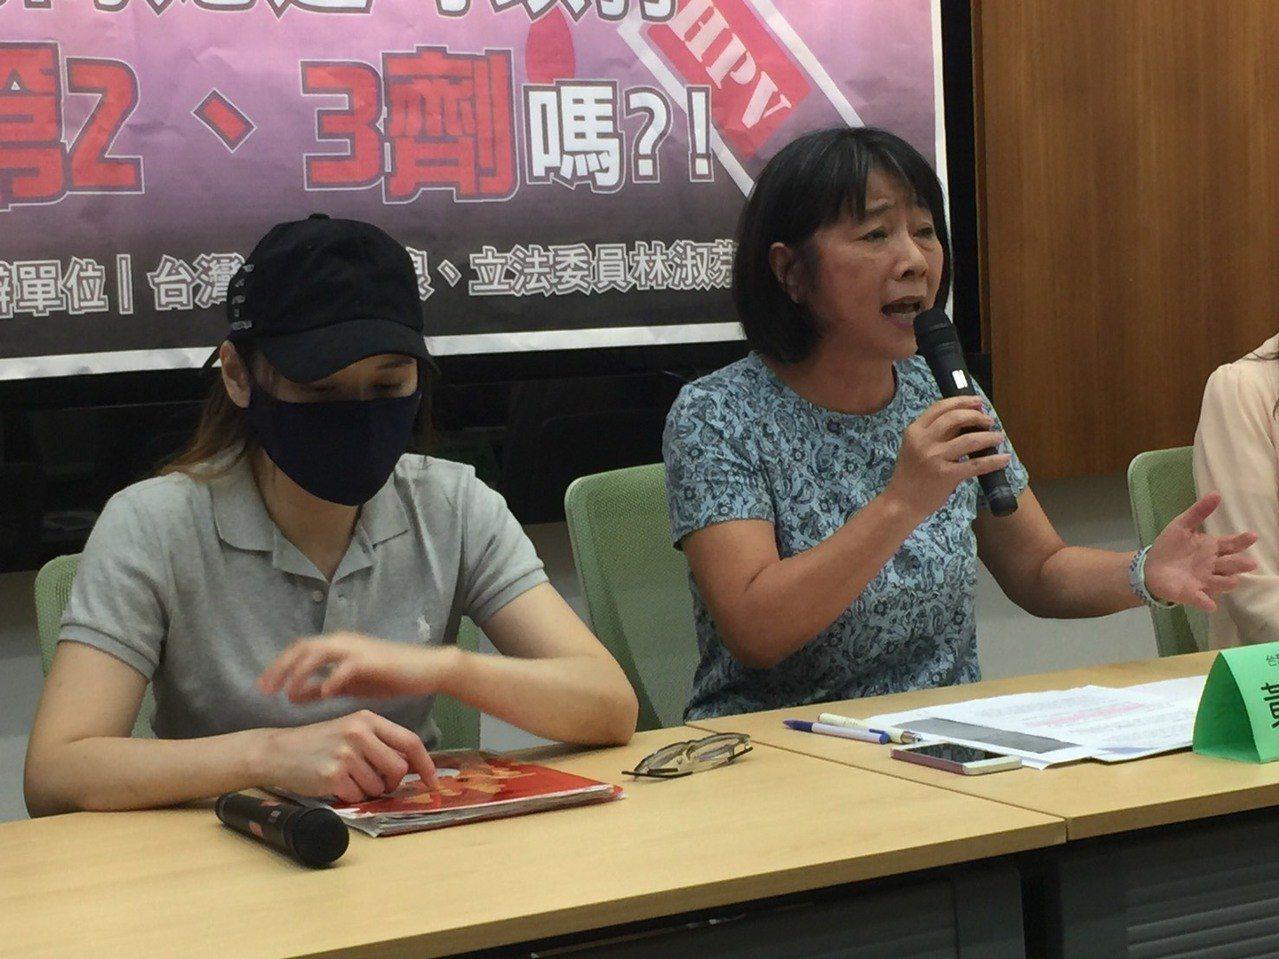 年約40的陳姓女子(左)疑似施打9價子宮頸疫苗後,出現嚴重不良反應,由於她是在適...